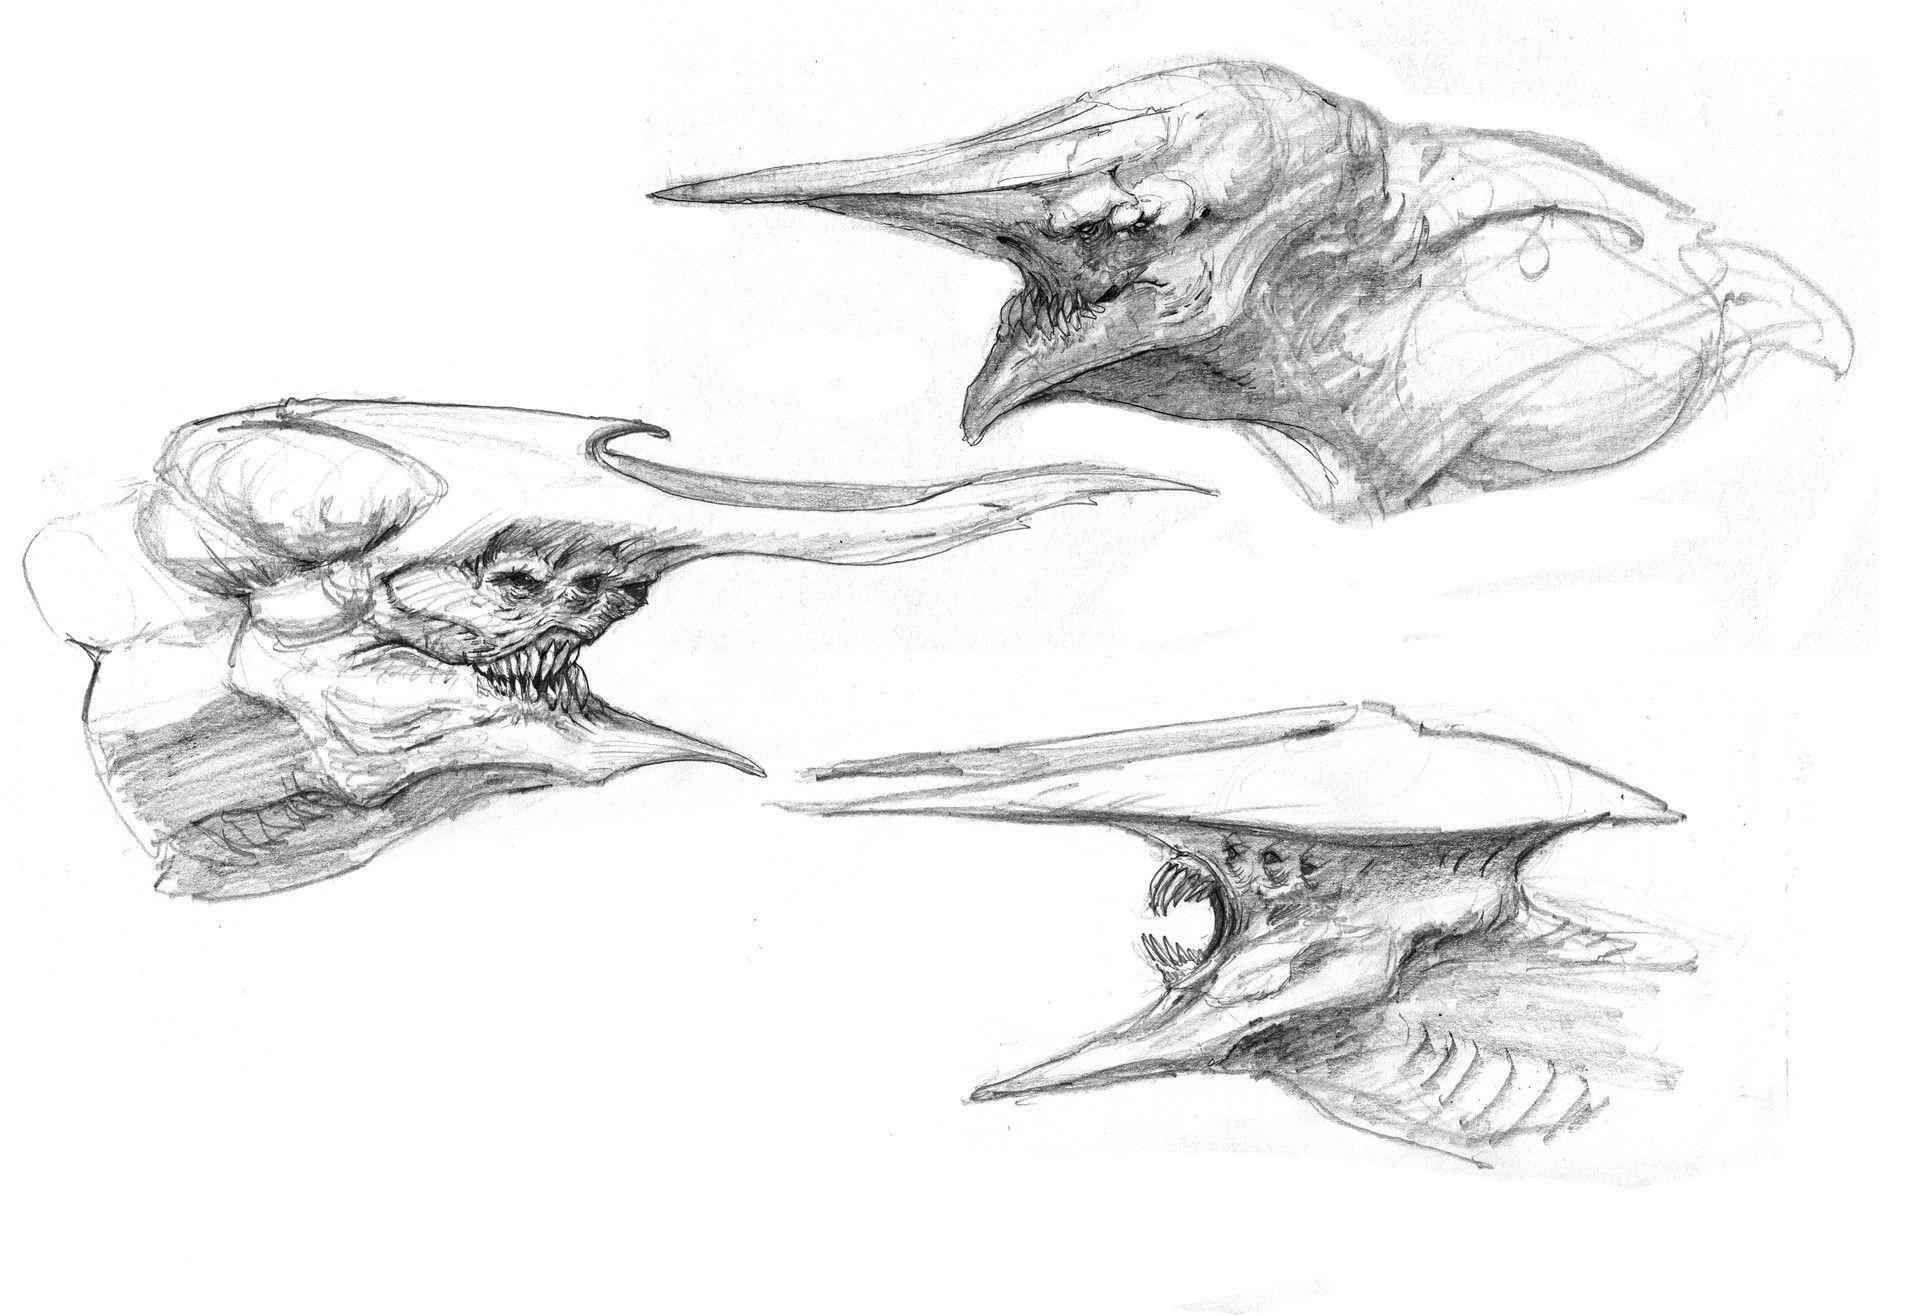 ArtStation - Monster sketches, Nick De Spain